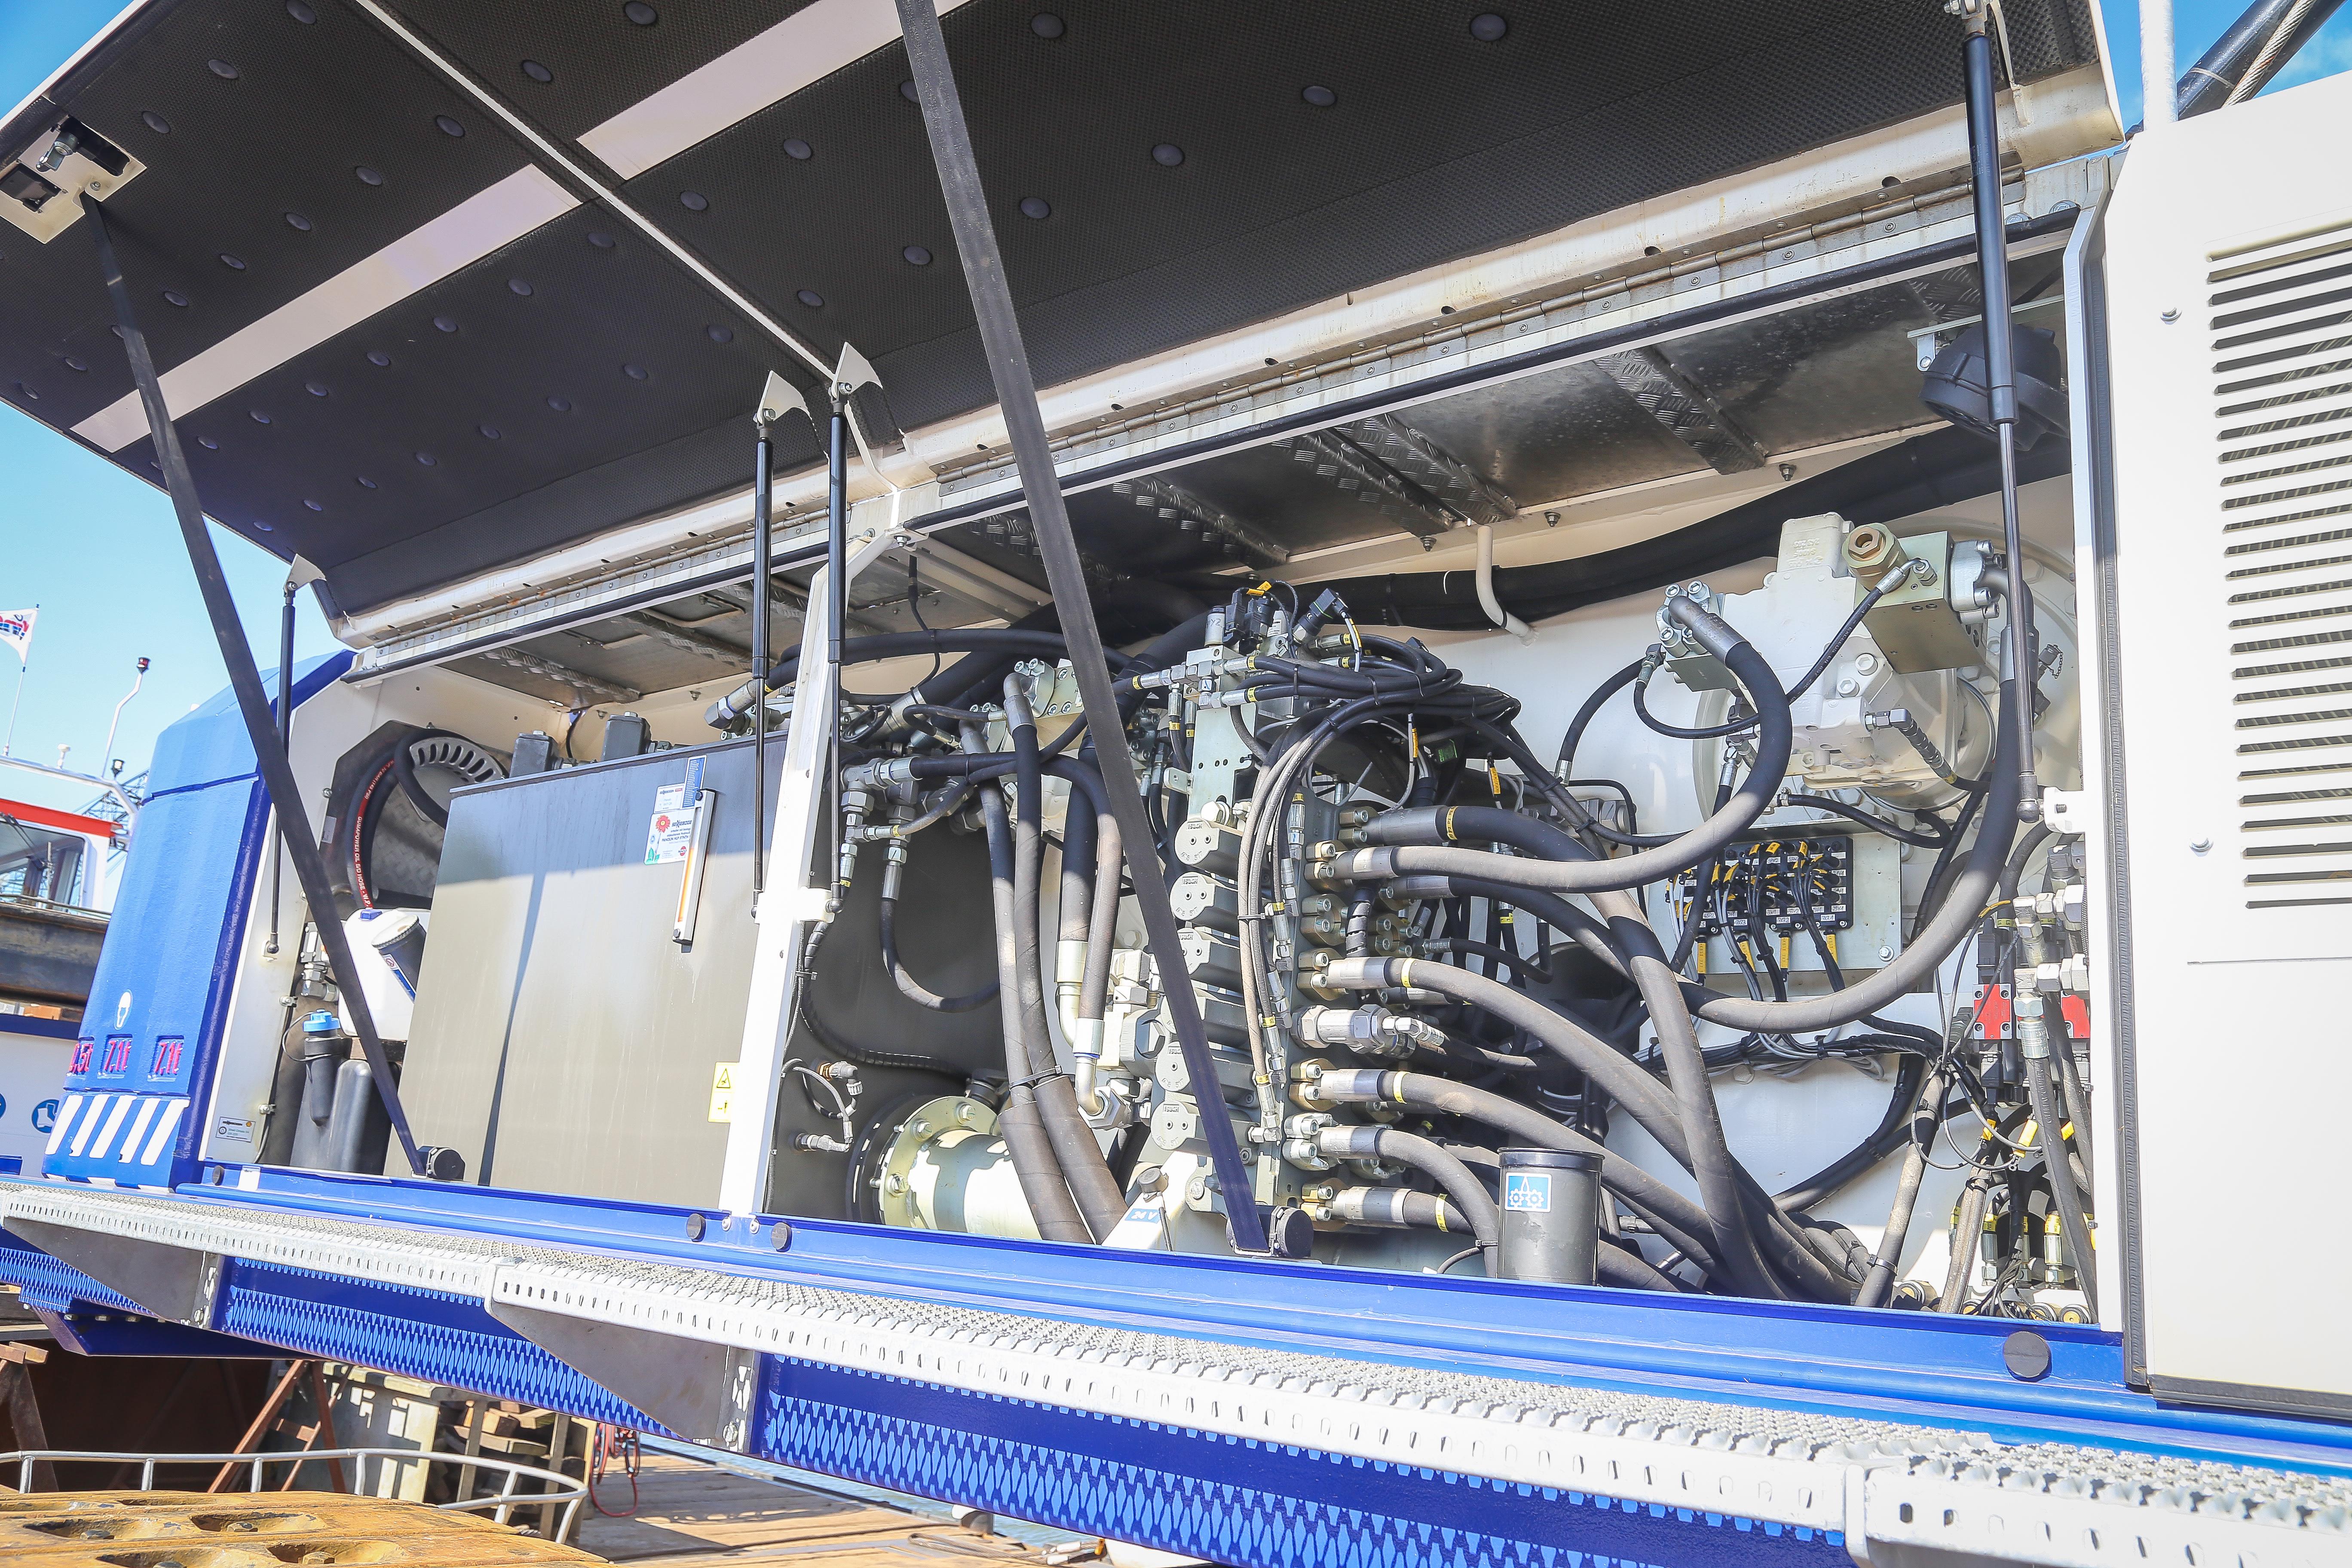 <p>Aan de rechterzijde is het ventielenblok te vinden. Alle slangen en kabels zijn gecodeerd, wat handig is voor de monteur. Tevens hier te vinden zijn de AdBluetank, brandstoftank met vulpomp en op de voorgrond de hydrauliektank afgevuld met bio-olie. </p>